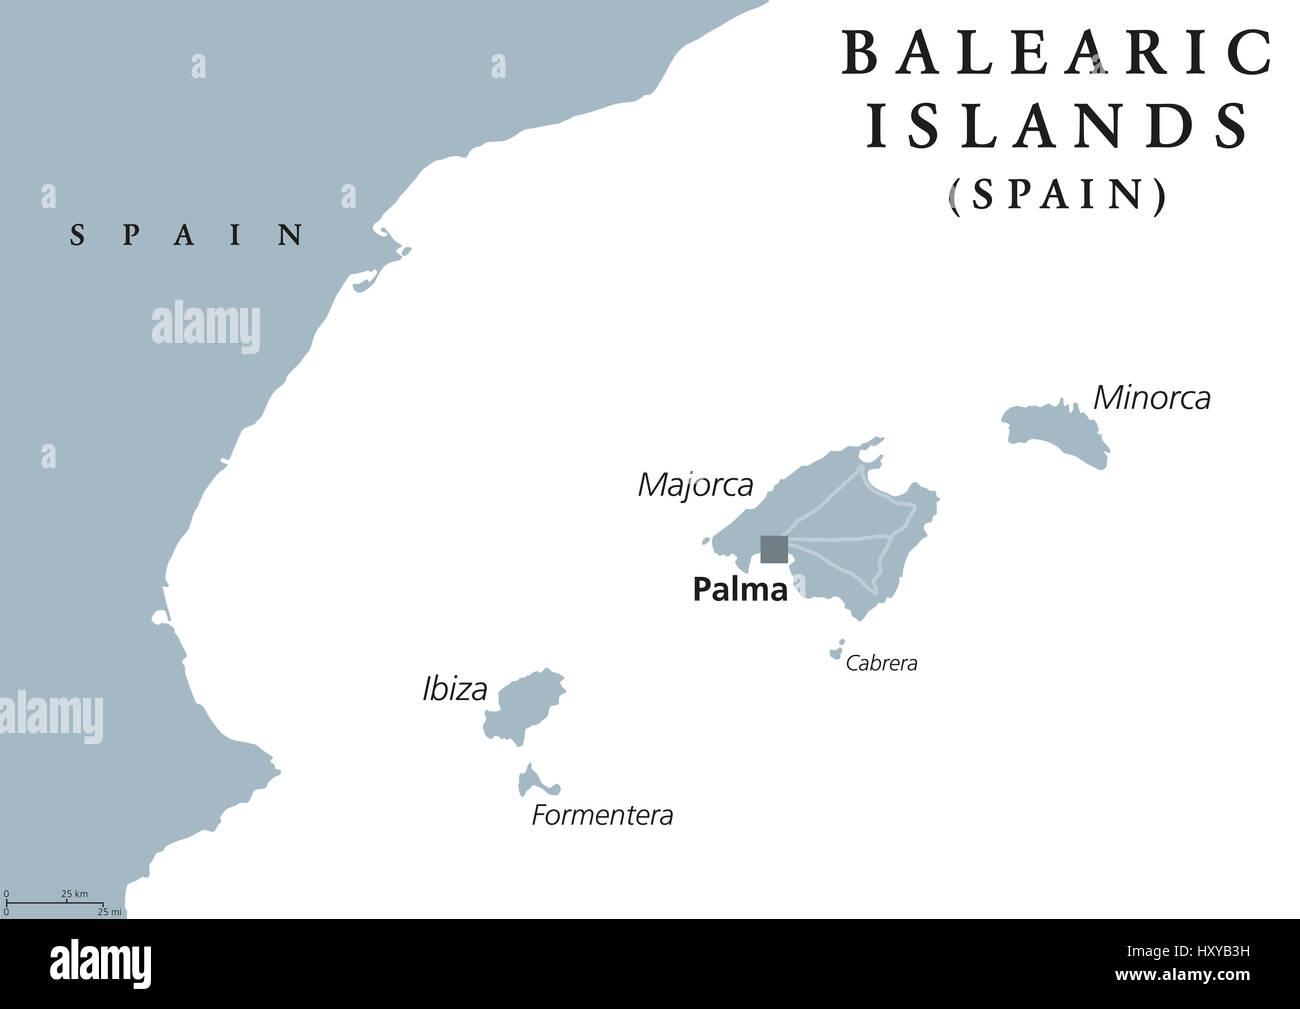 Cartina Geografica Spagna E Formentera.Isole Baleari Mappa Politico Con Capitale Palma Maiorca E Minorca Ibiza E Formentera Spagna Comunita Autonoma Nel Mare Mediterraneo Foto Stock Alamy